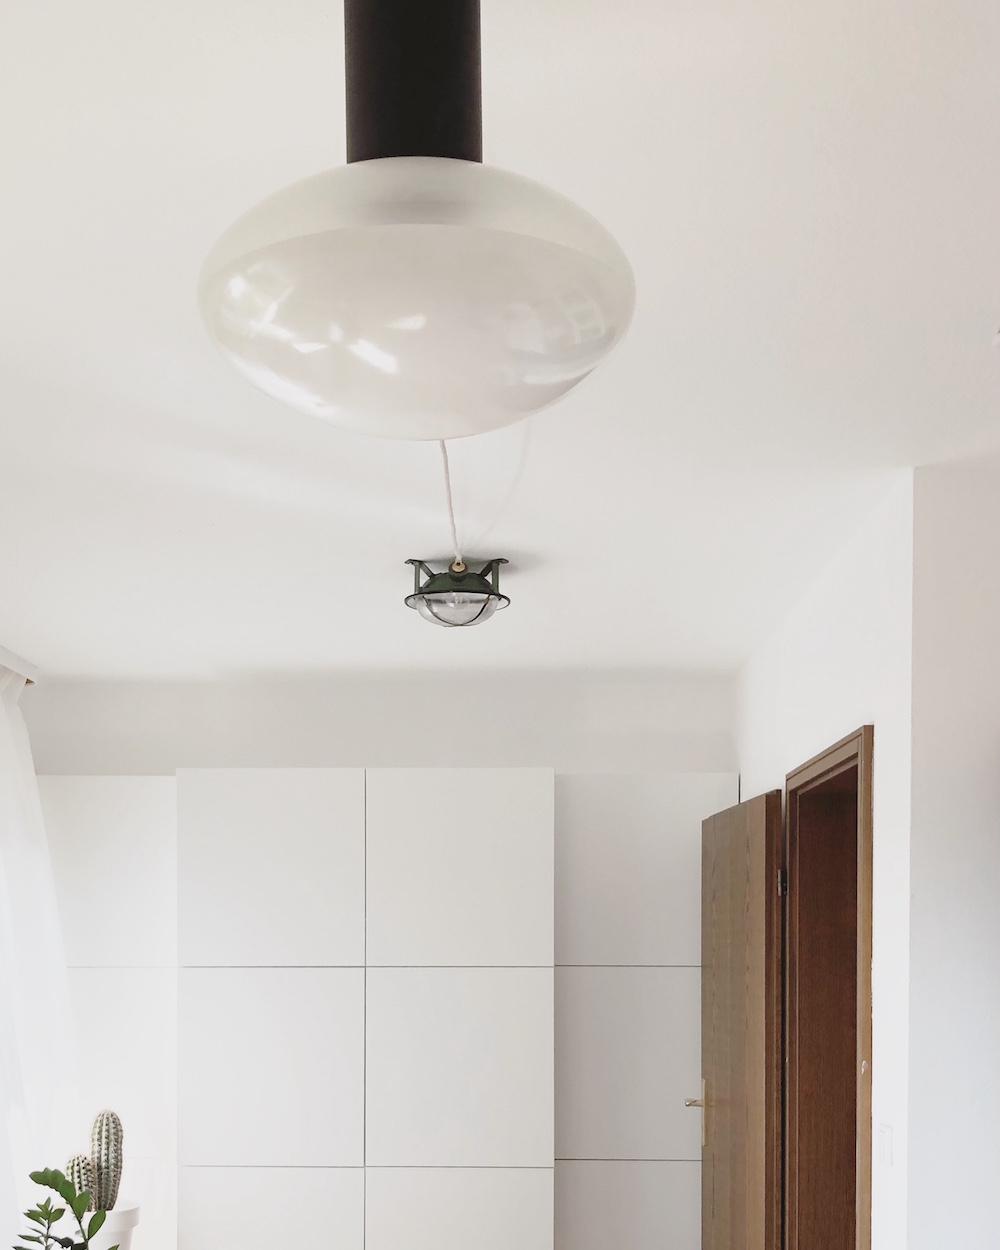 Ich mag ein wenig klingen wie eine Schallplatte mit Sprung, aber tatsächlich gibt es auch hier eine Ikea BESTÅ-Lösung und eine alte Industrielampe von JØLG. Beide haben sich bewährt, also kann man von beiden ruhig mehr als eine haben.